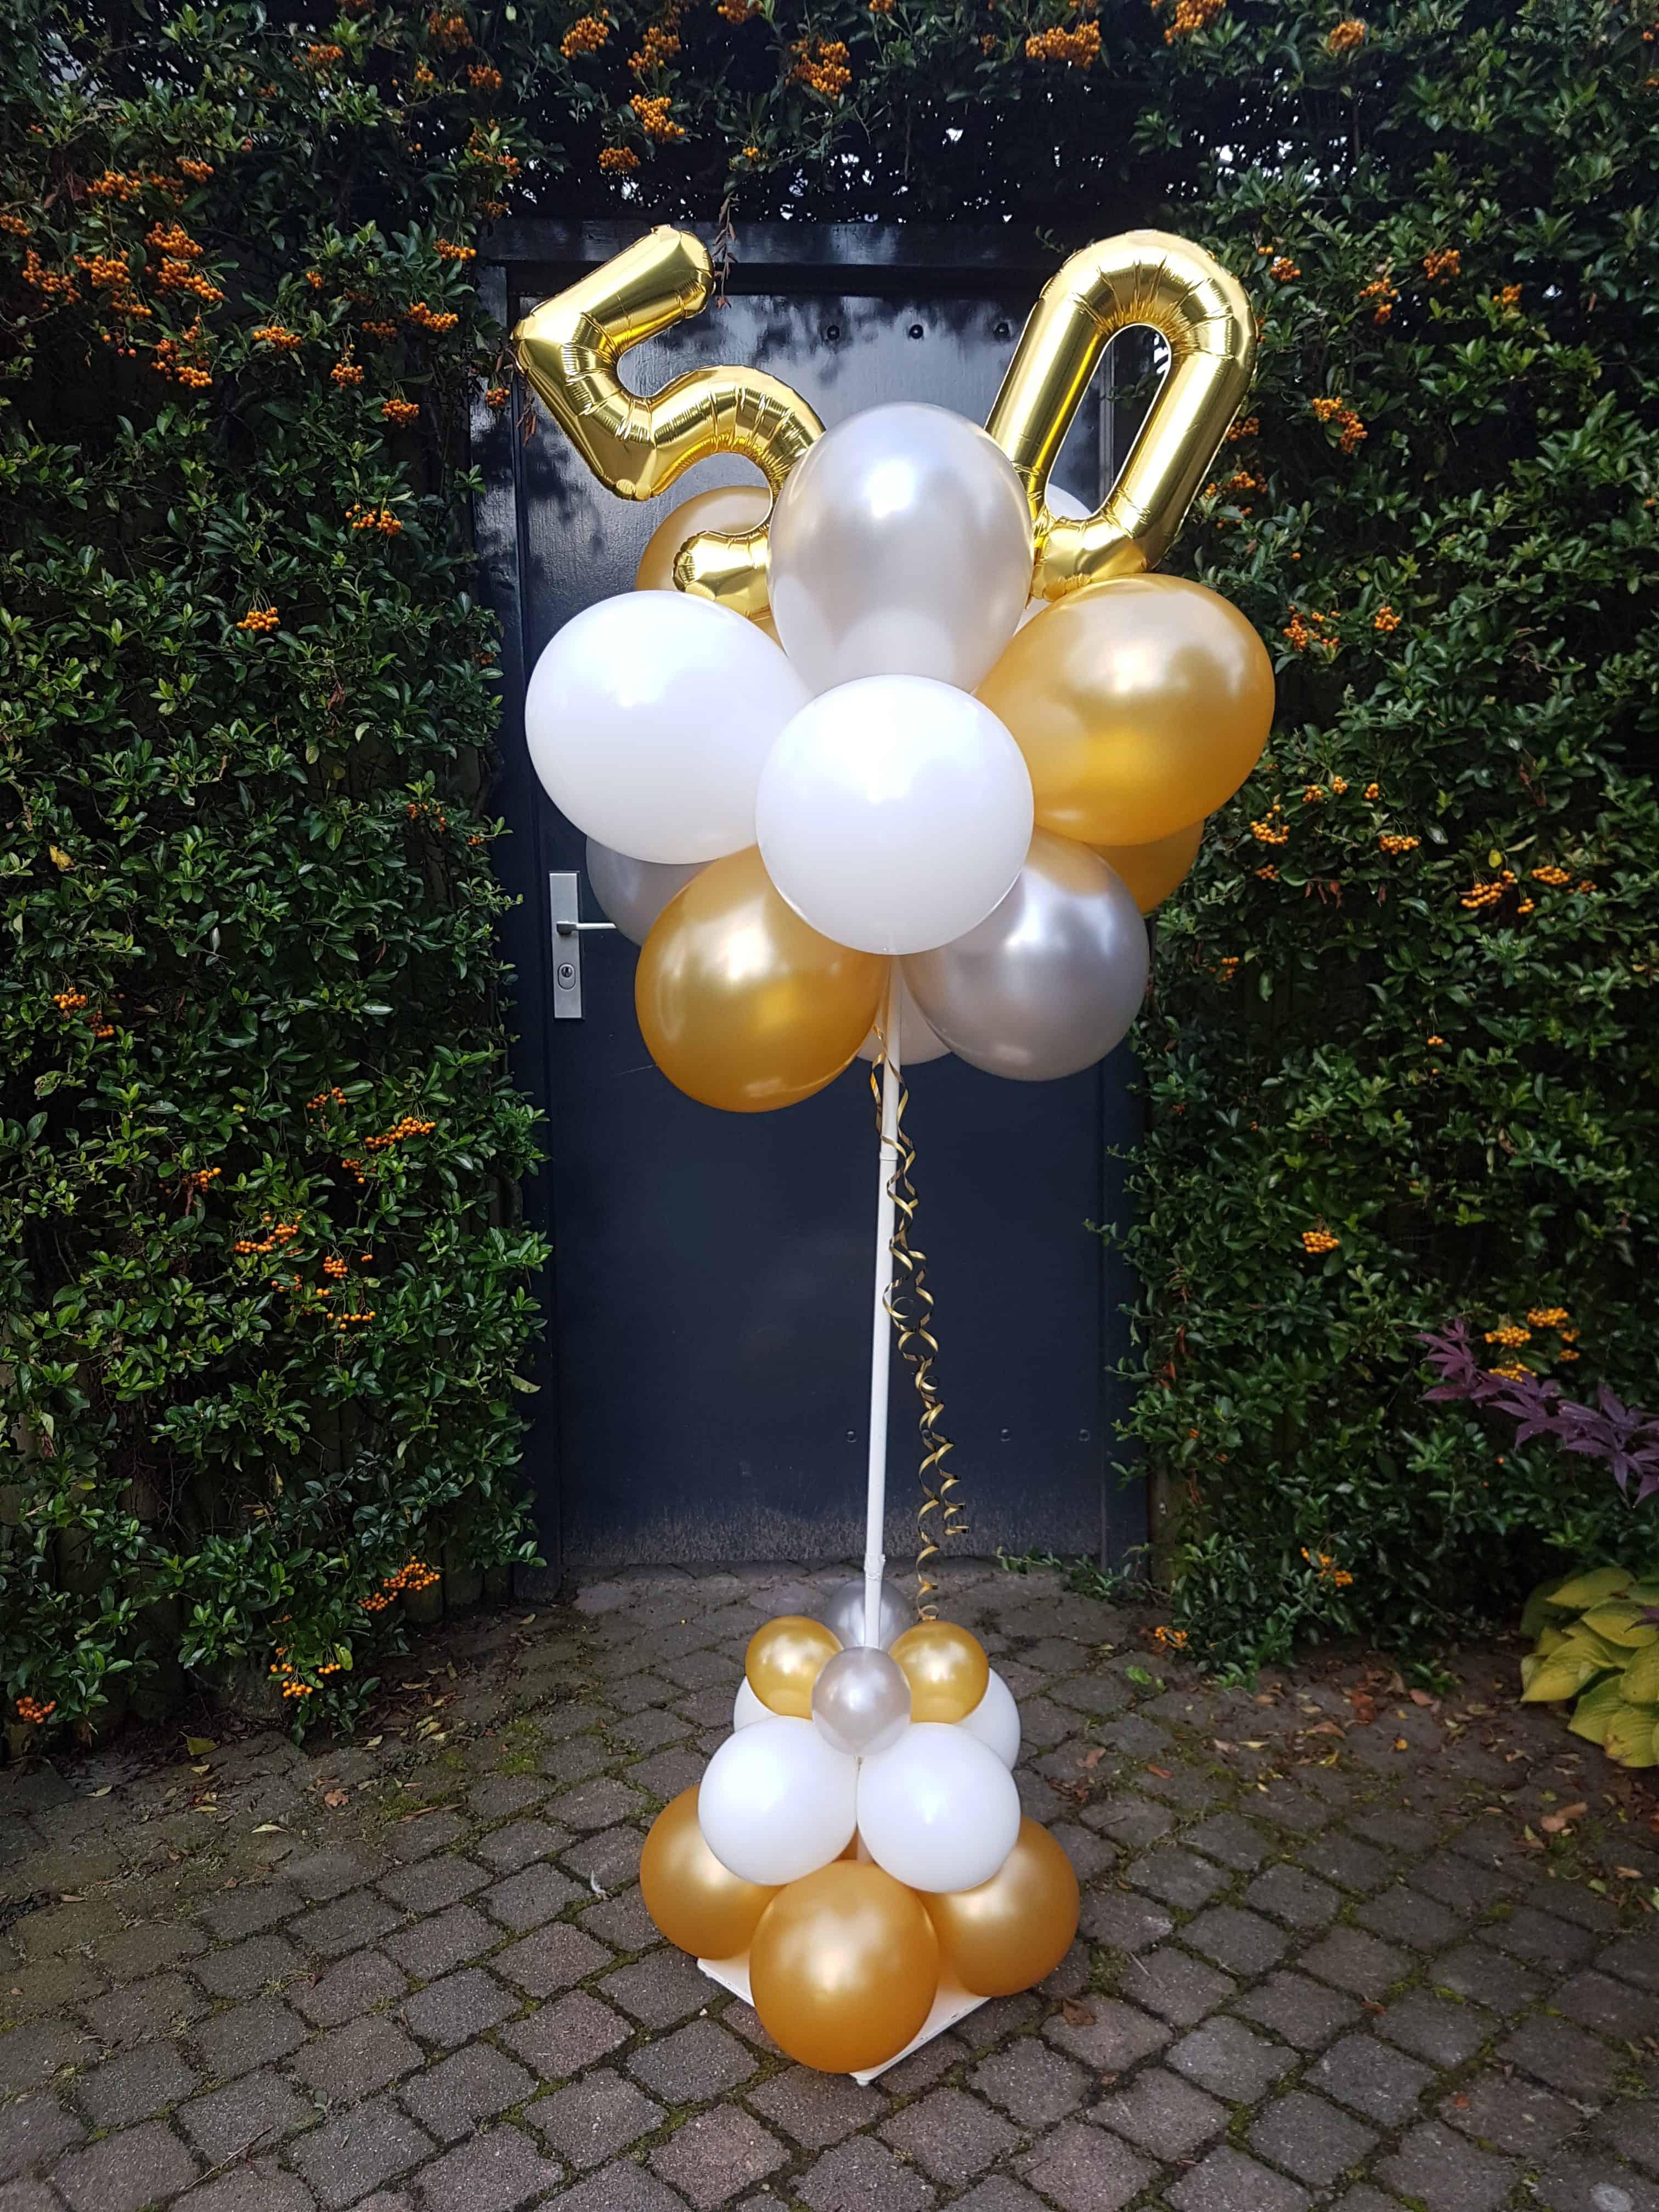 ballonpilaar met -ijferballonnen-Sarah-50-jaar